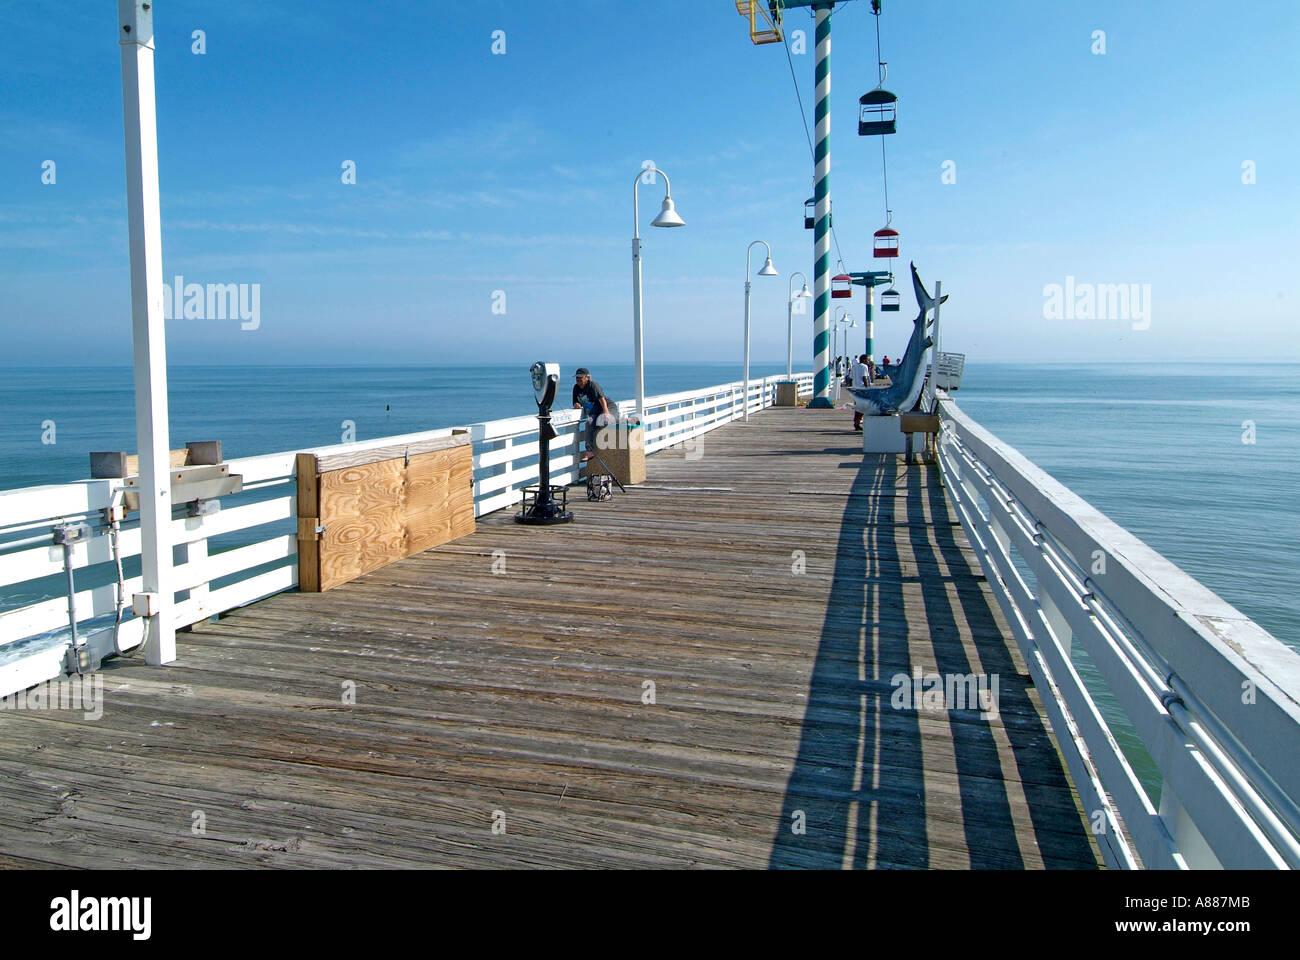 Pier Fishing In Daytona Beach Fl